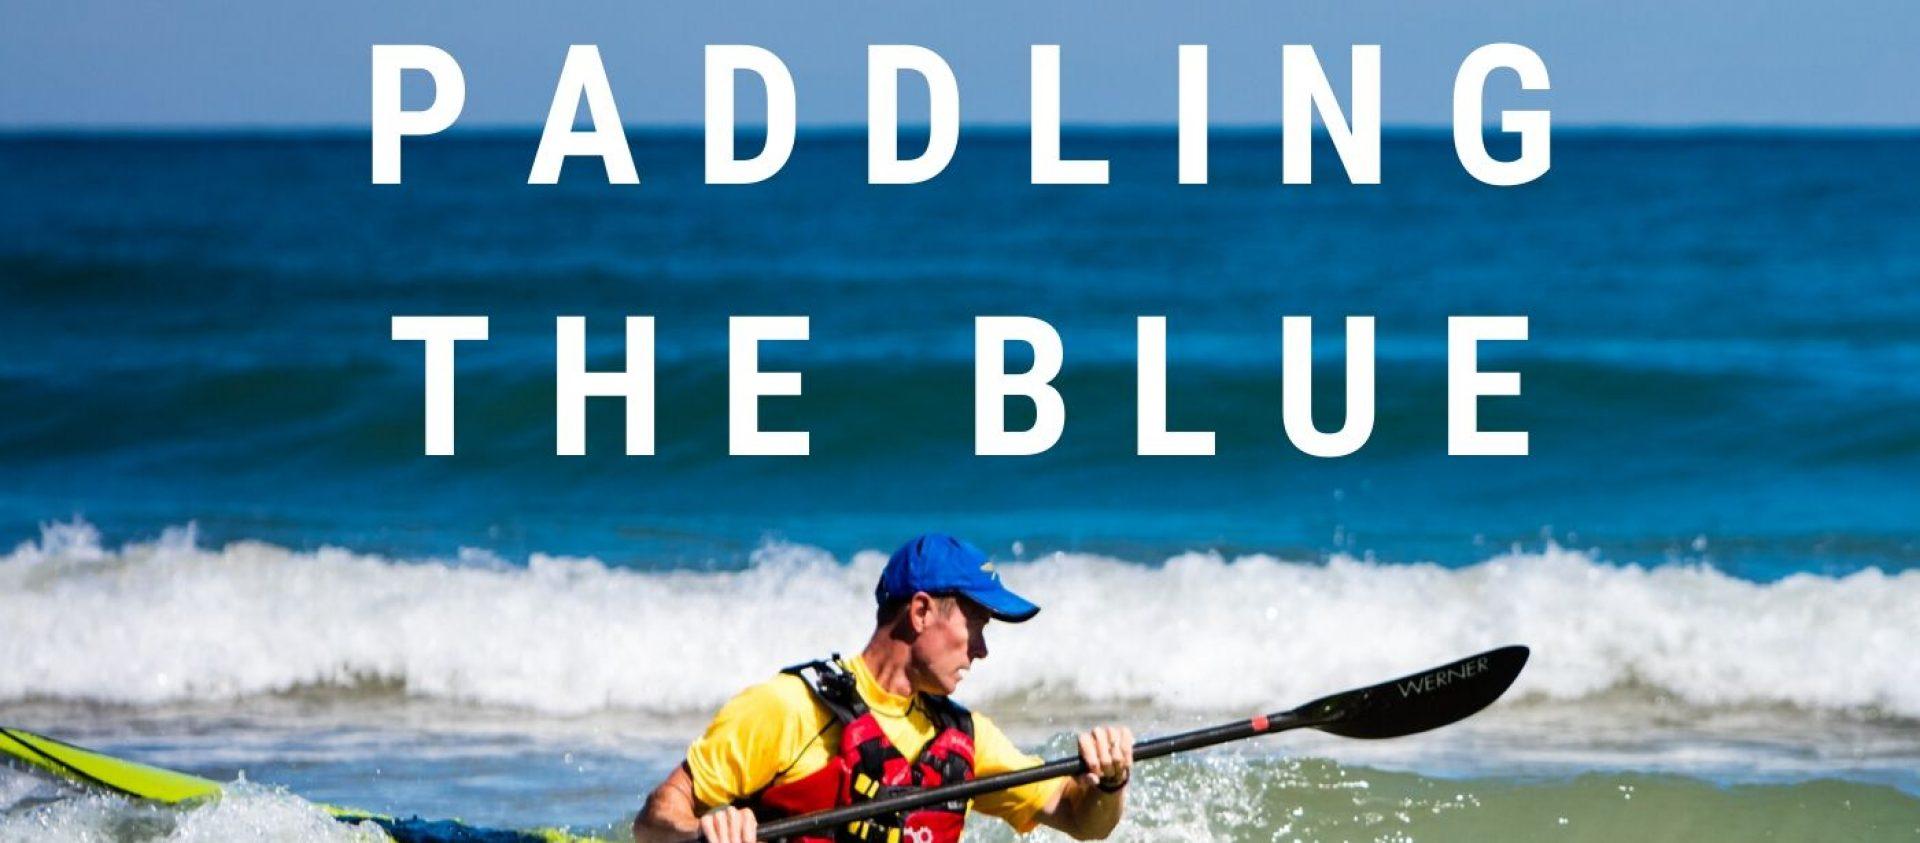 PaddlingExercises.com - Canoe and Kayak Paddling Exercises